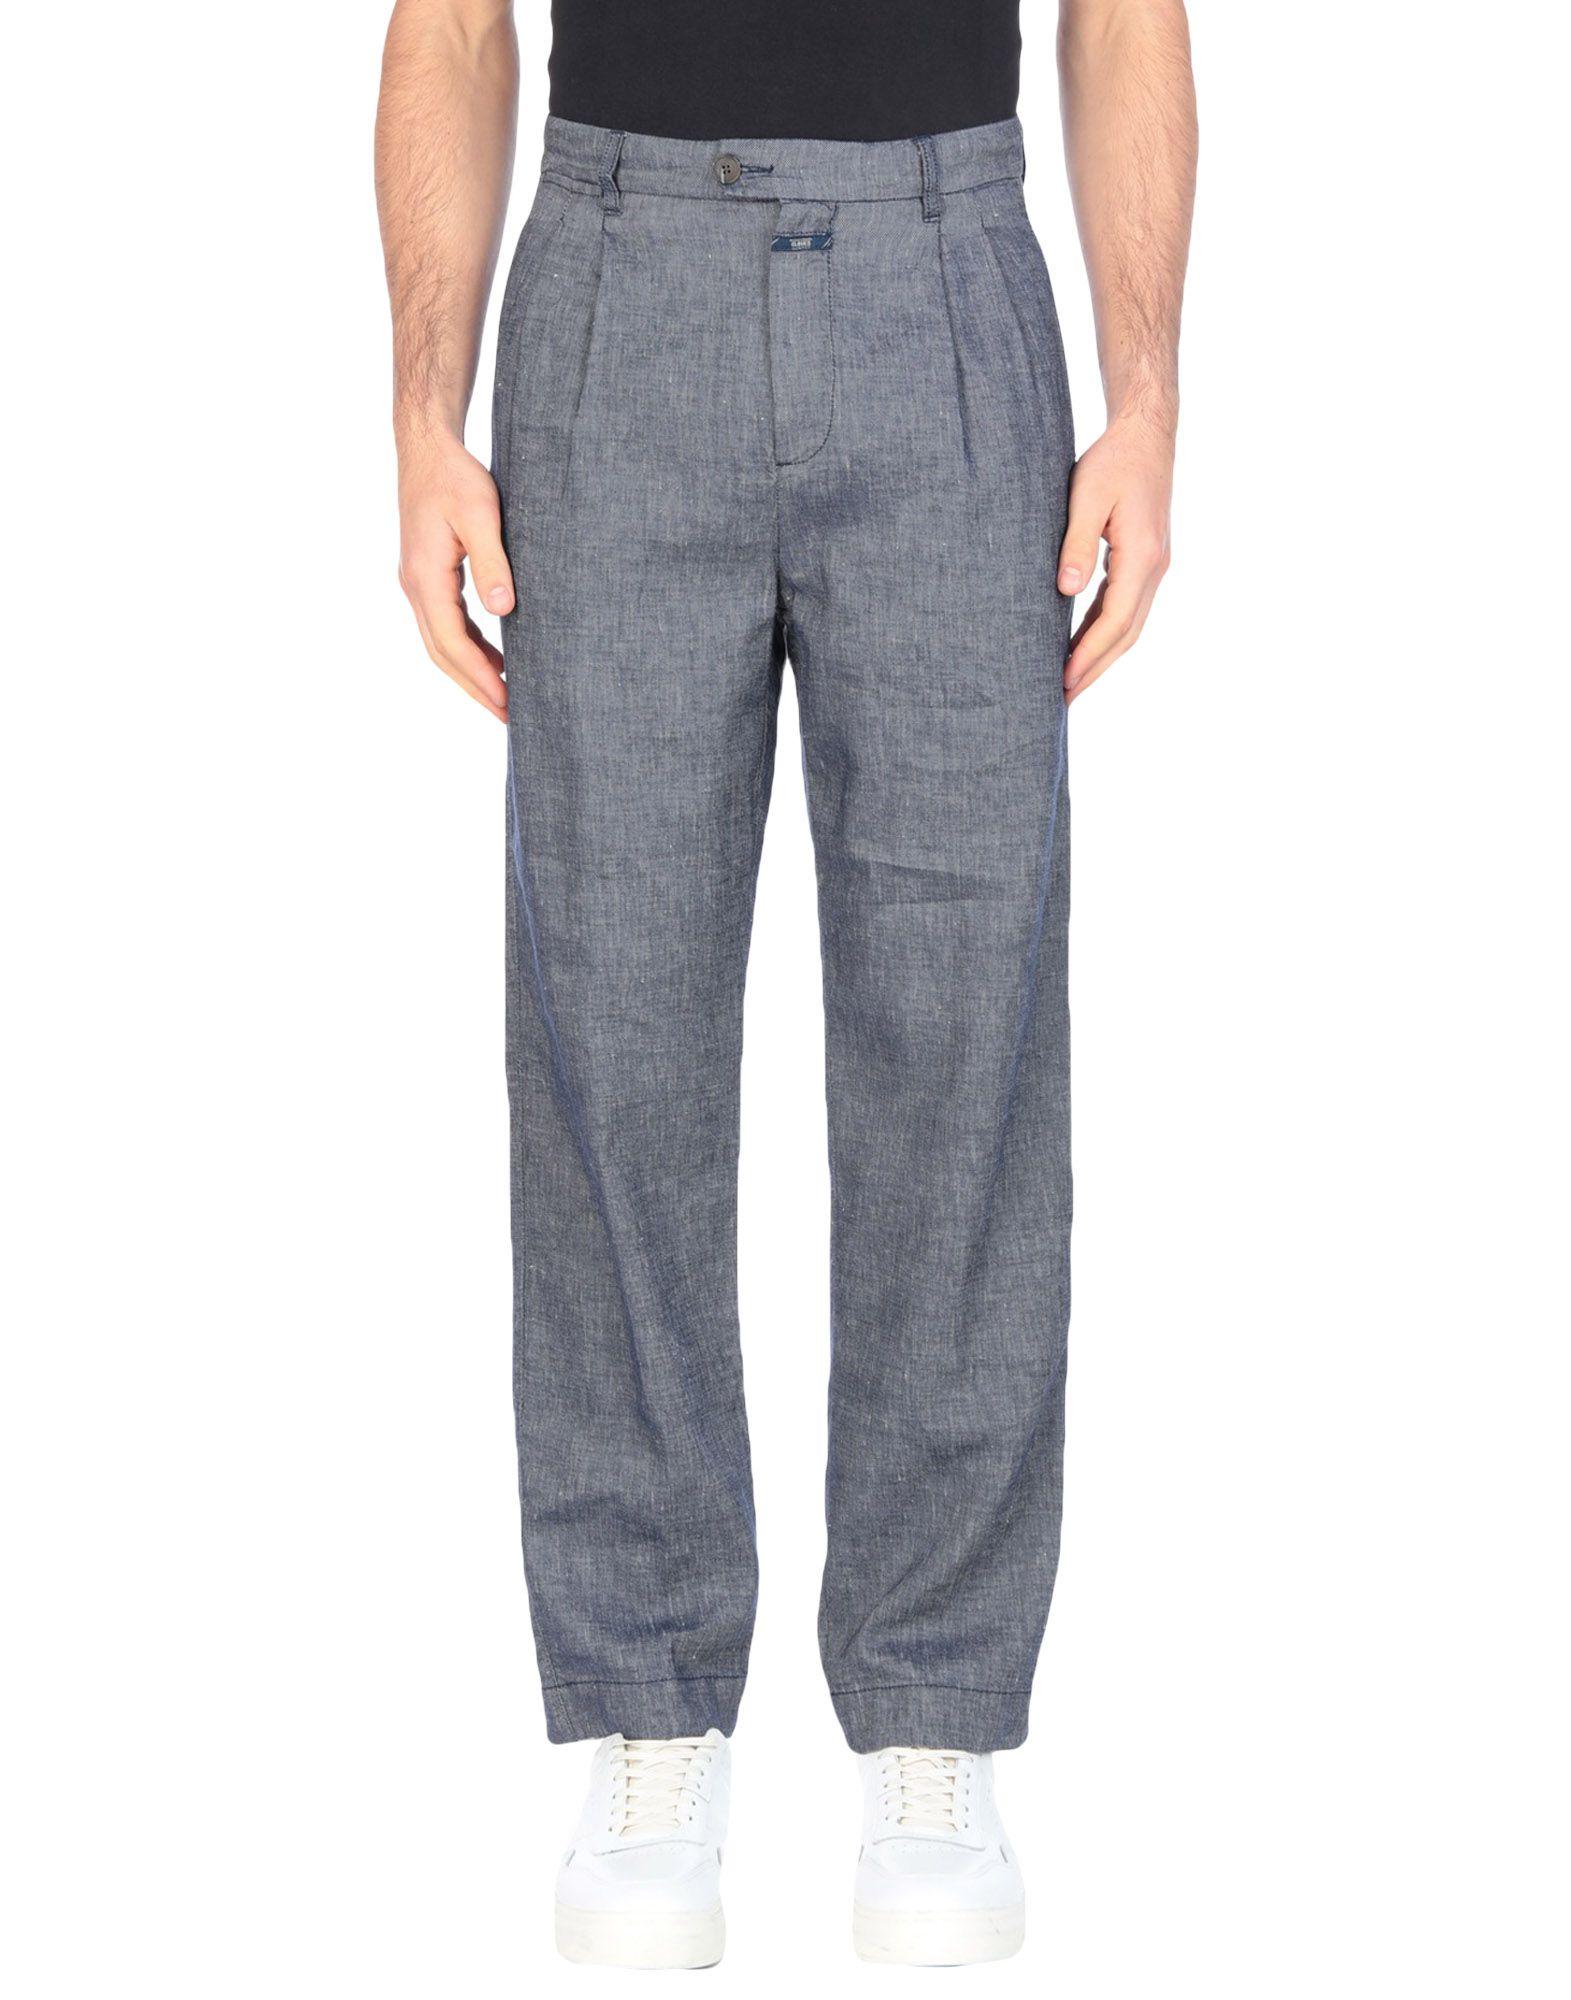 Pantaloni Jeans Jeans Pantaloni Closed Uomo - 13202401PN 3949b8